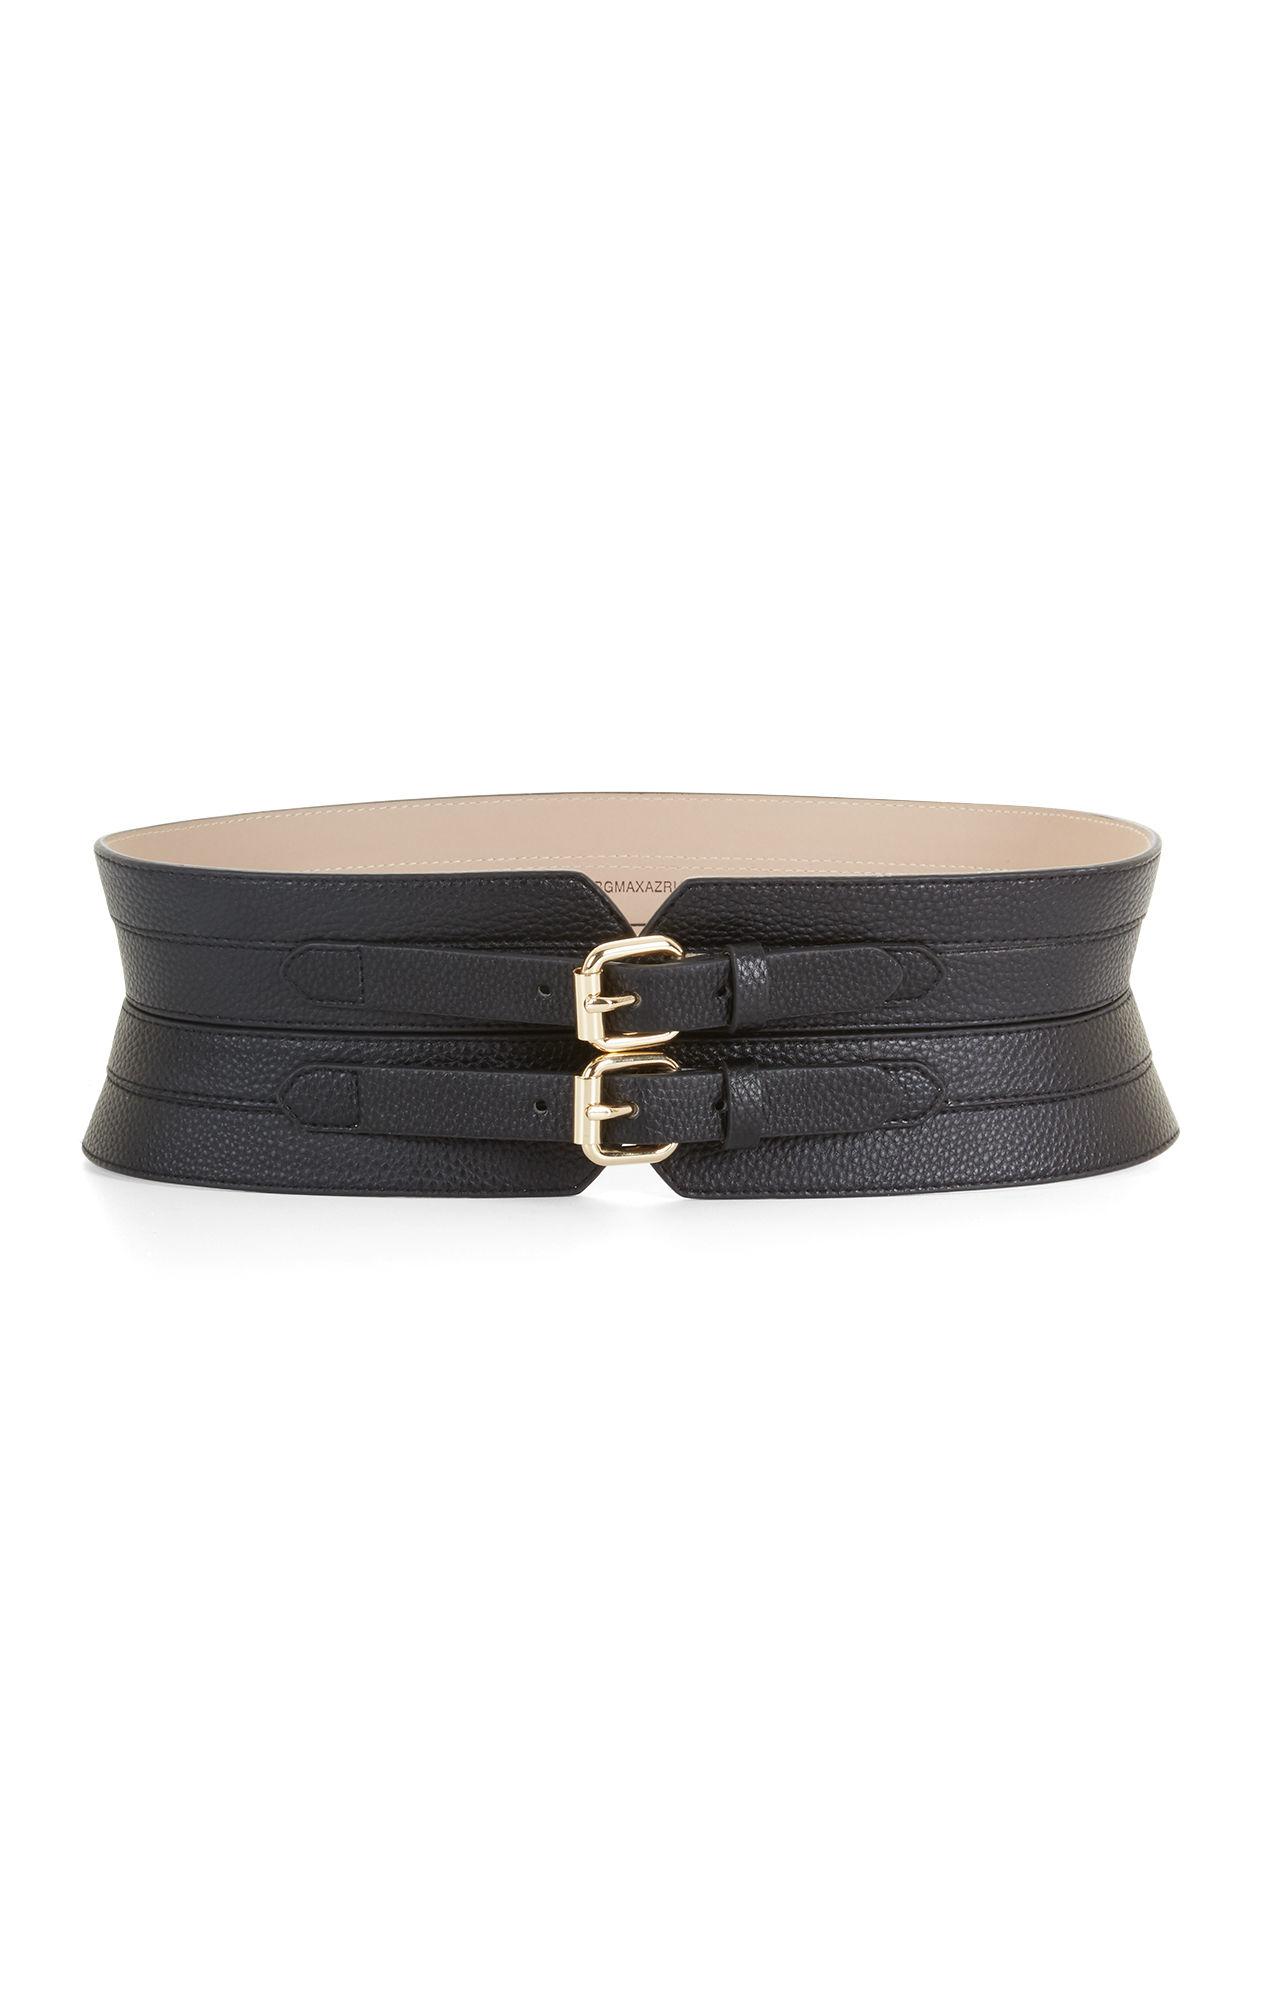 Bcbgmaxazria faux leather contour waist belt in black lyst for Define faux leather